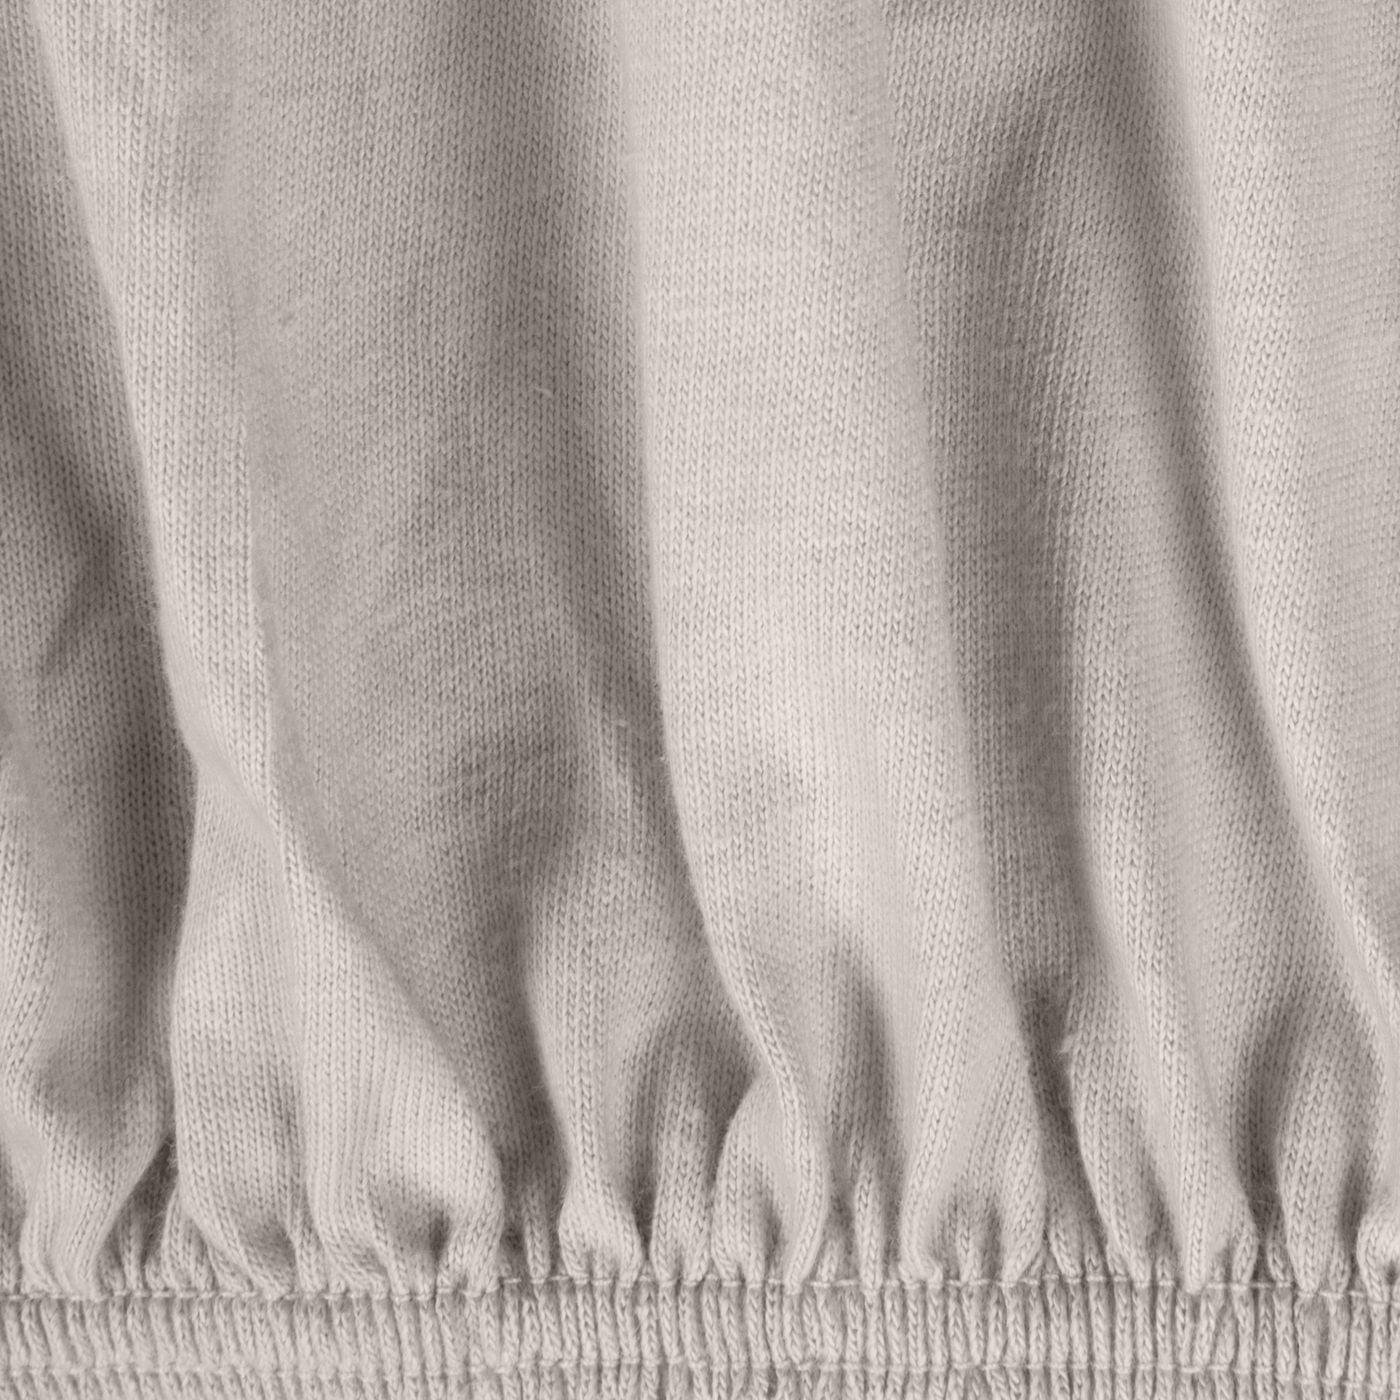 Srebrne PRZEŚCIERADŁO BAWEŁNIANE  z jerseyu z gumką 160x200 cm